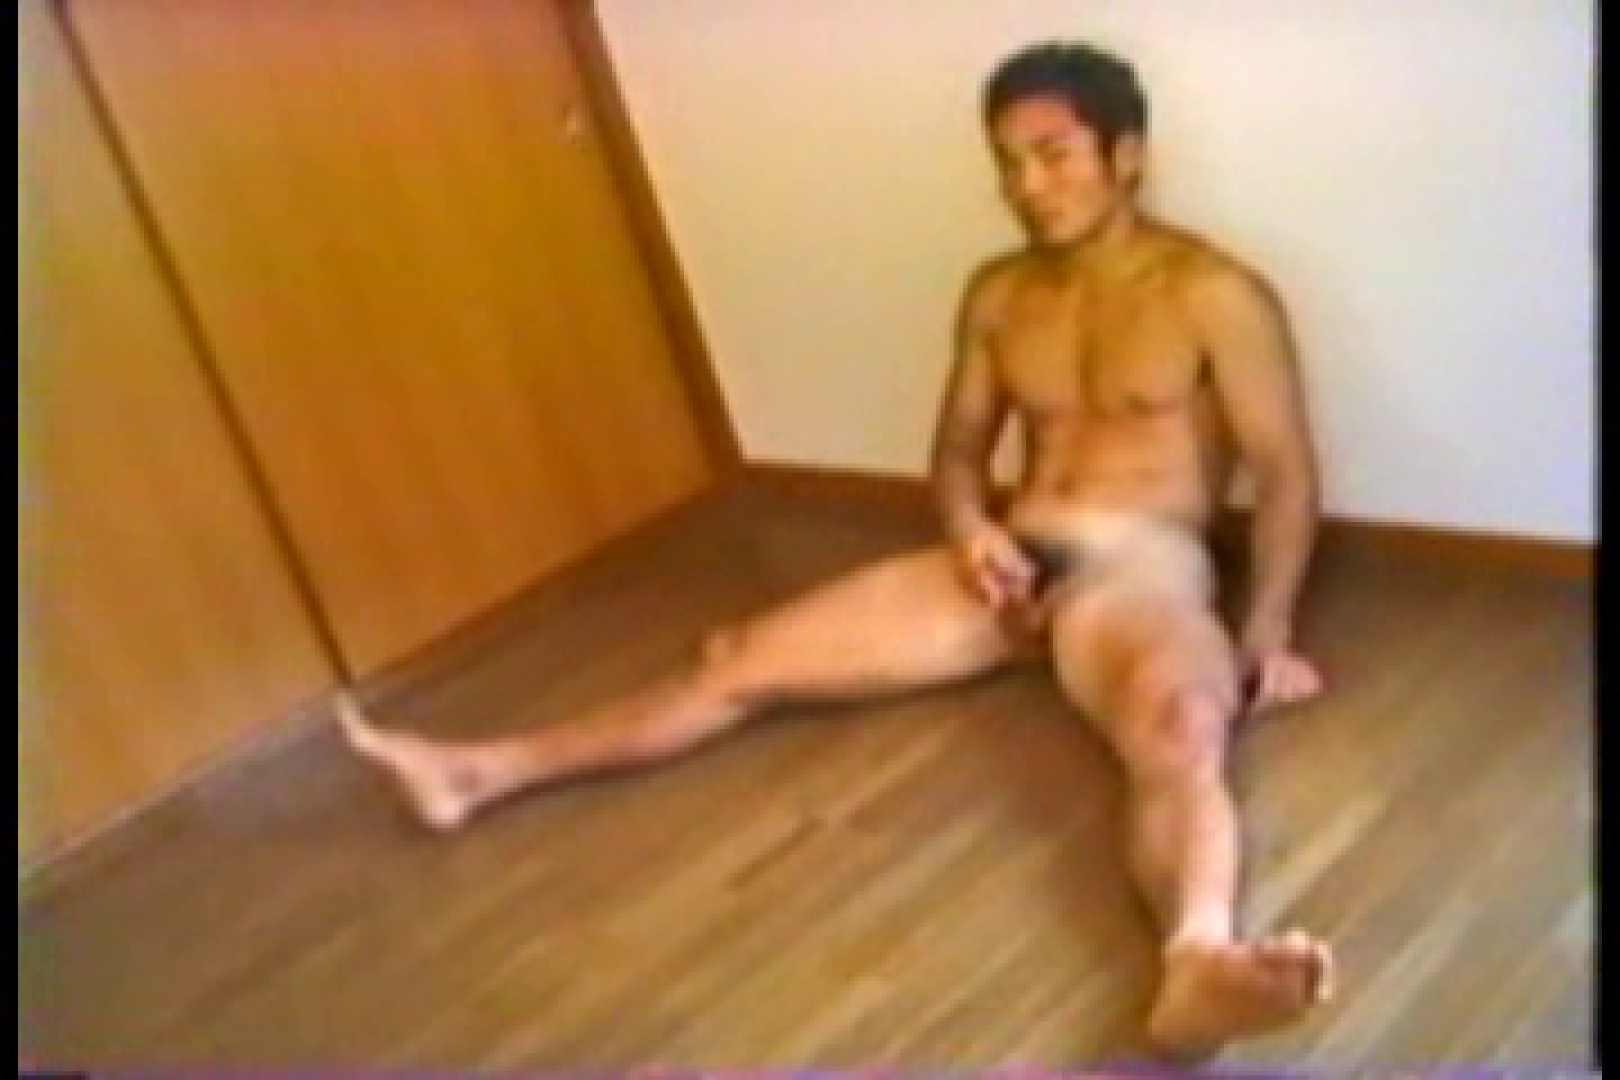 『ノンケ・スポーツマンシップとは・・・! ! 』 第2戦 マッチョ ゲイ丸見え画像 67枚 40